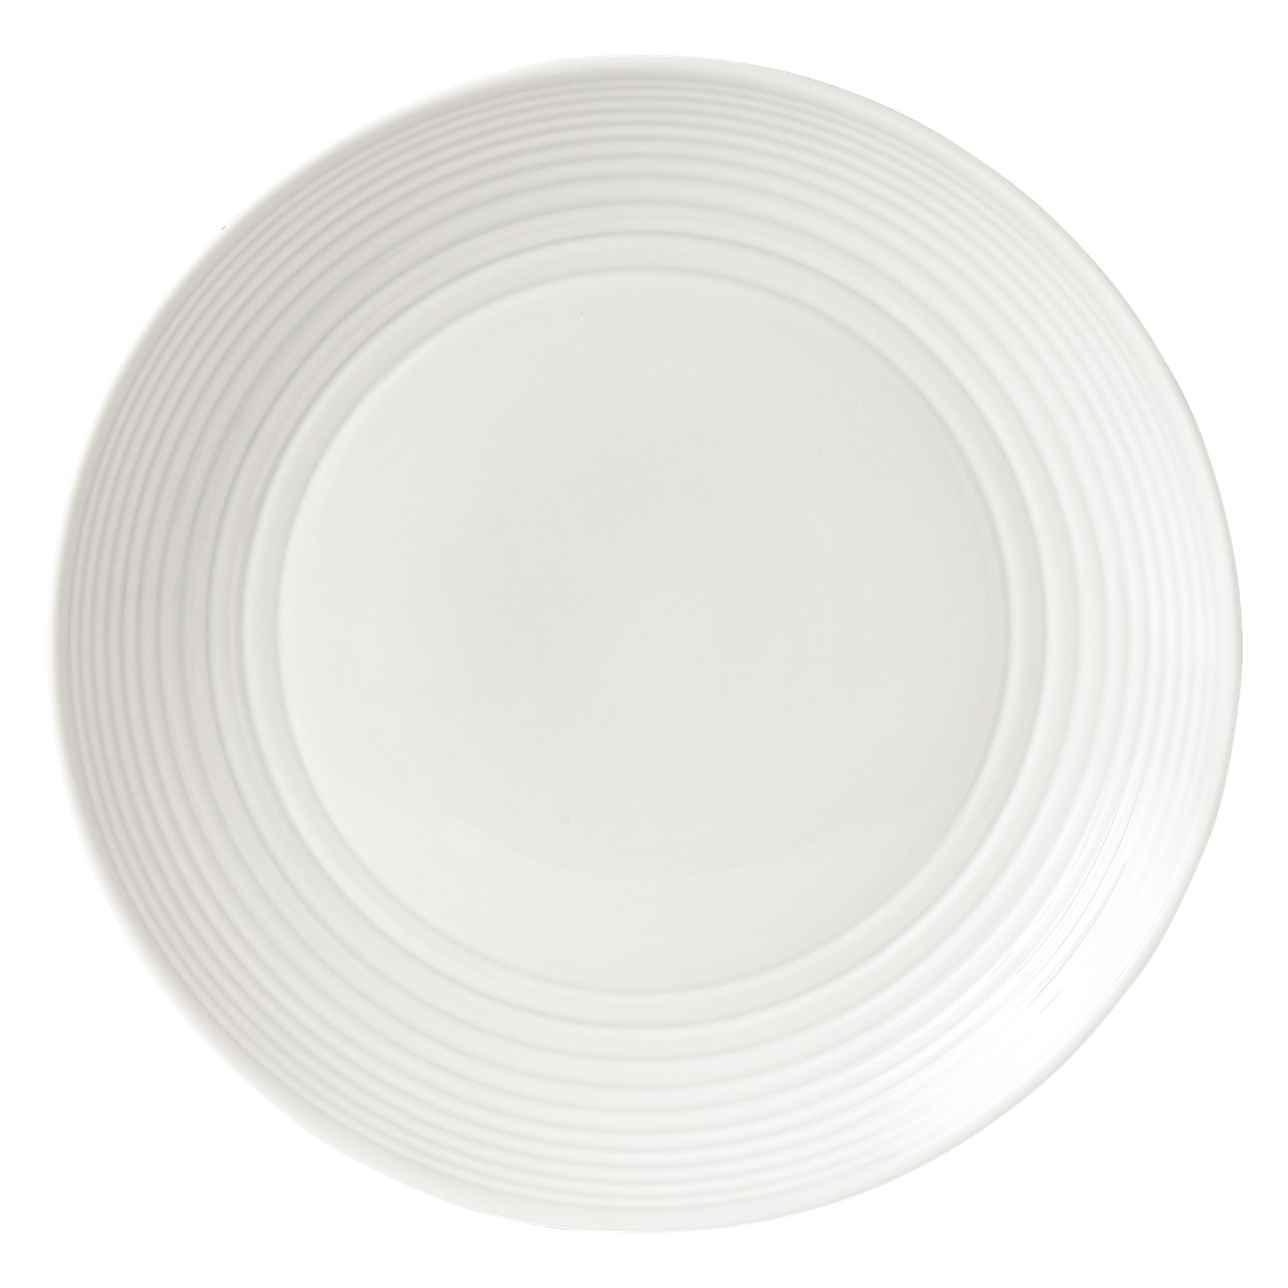 Maze White Dinner Plate